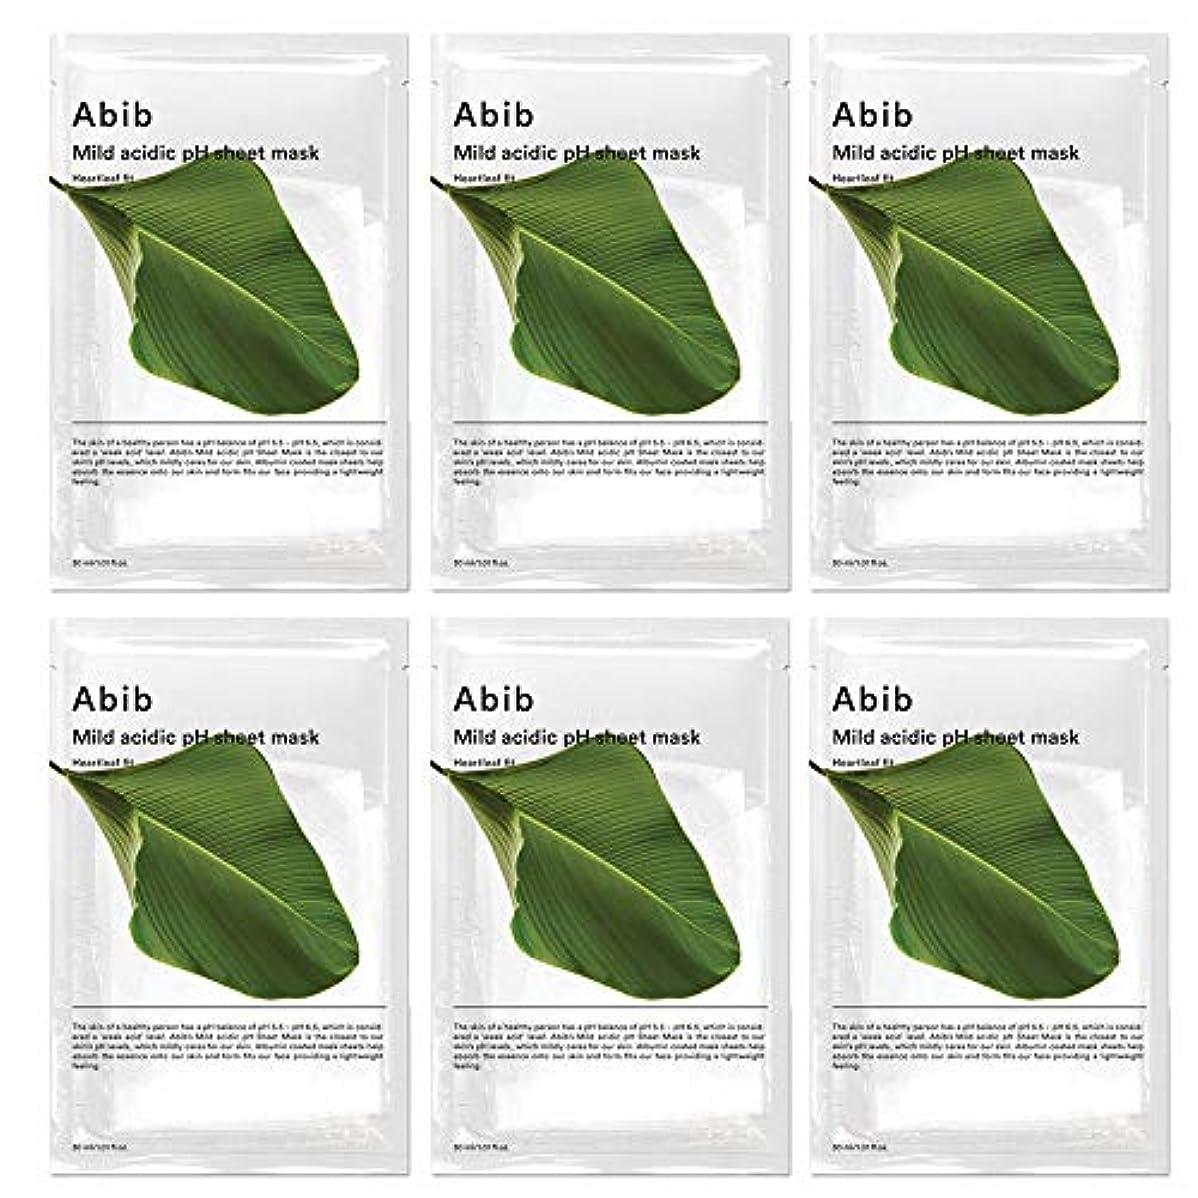 ファン恐ろしいです通知するABIB MILD ACIDIC pH SHEET MASK_ HEARTLEAF FIT/弱酸性phシートマスク ドクダミフィット(10枚)日本国内発送